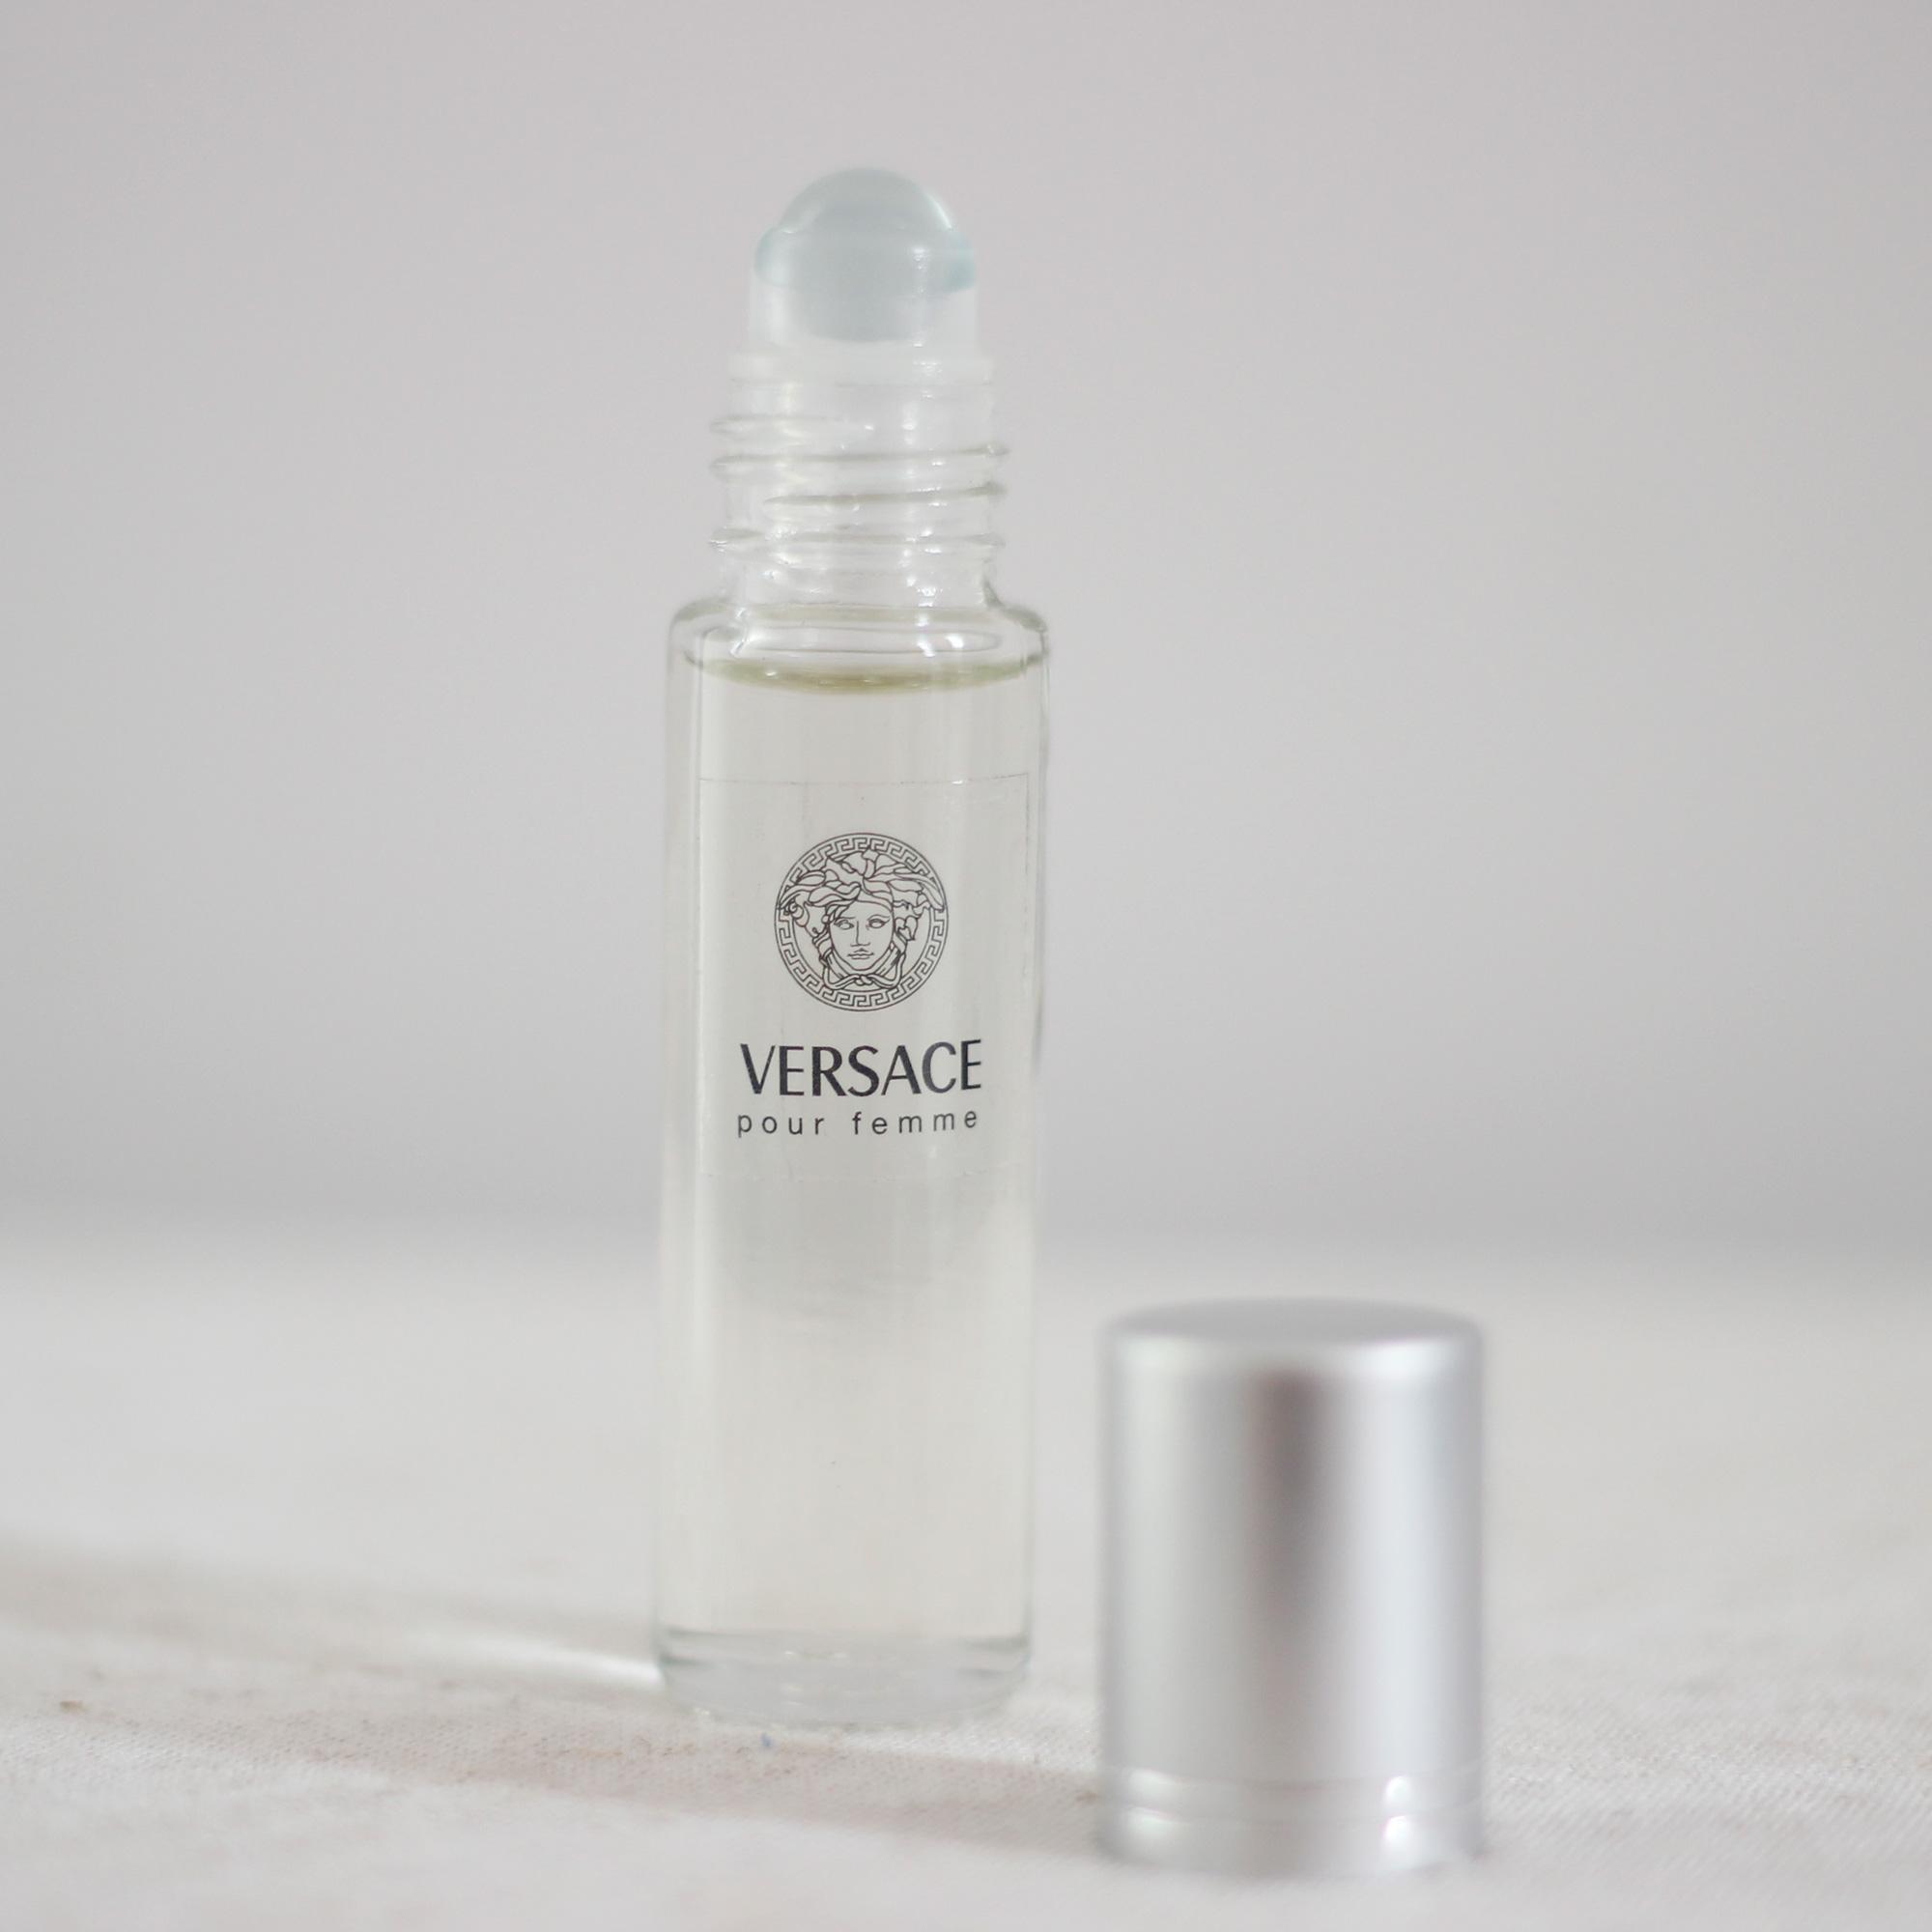 Nước hoa Versace chai lăn 8ml